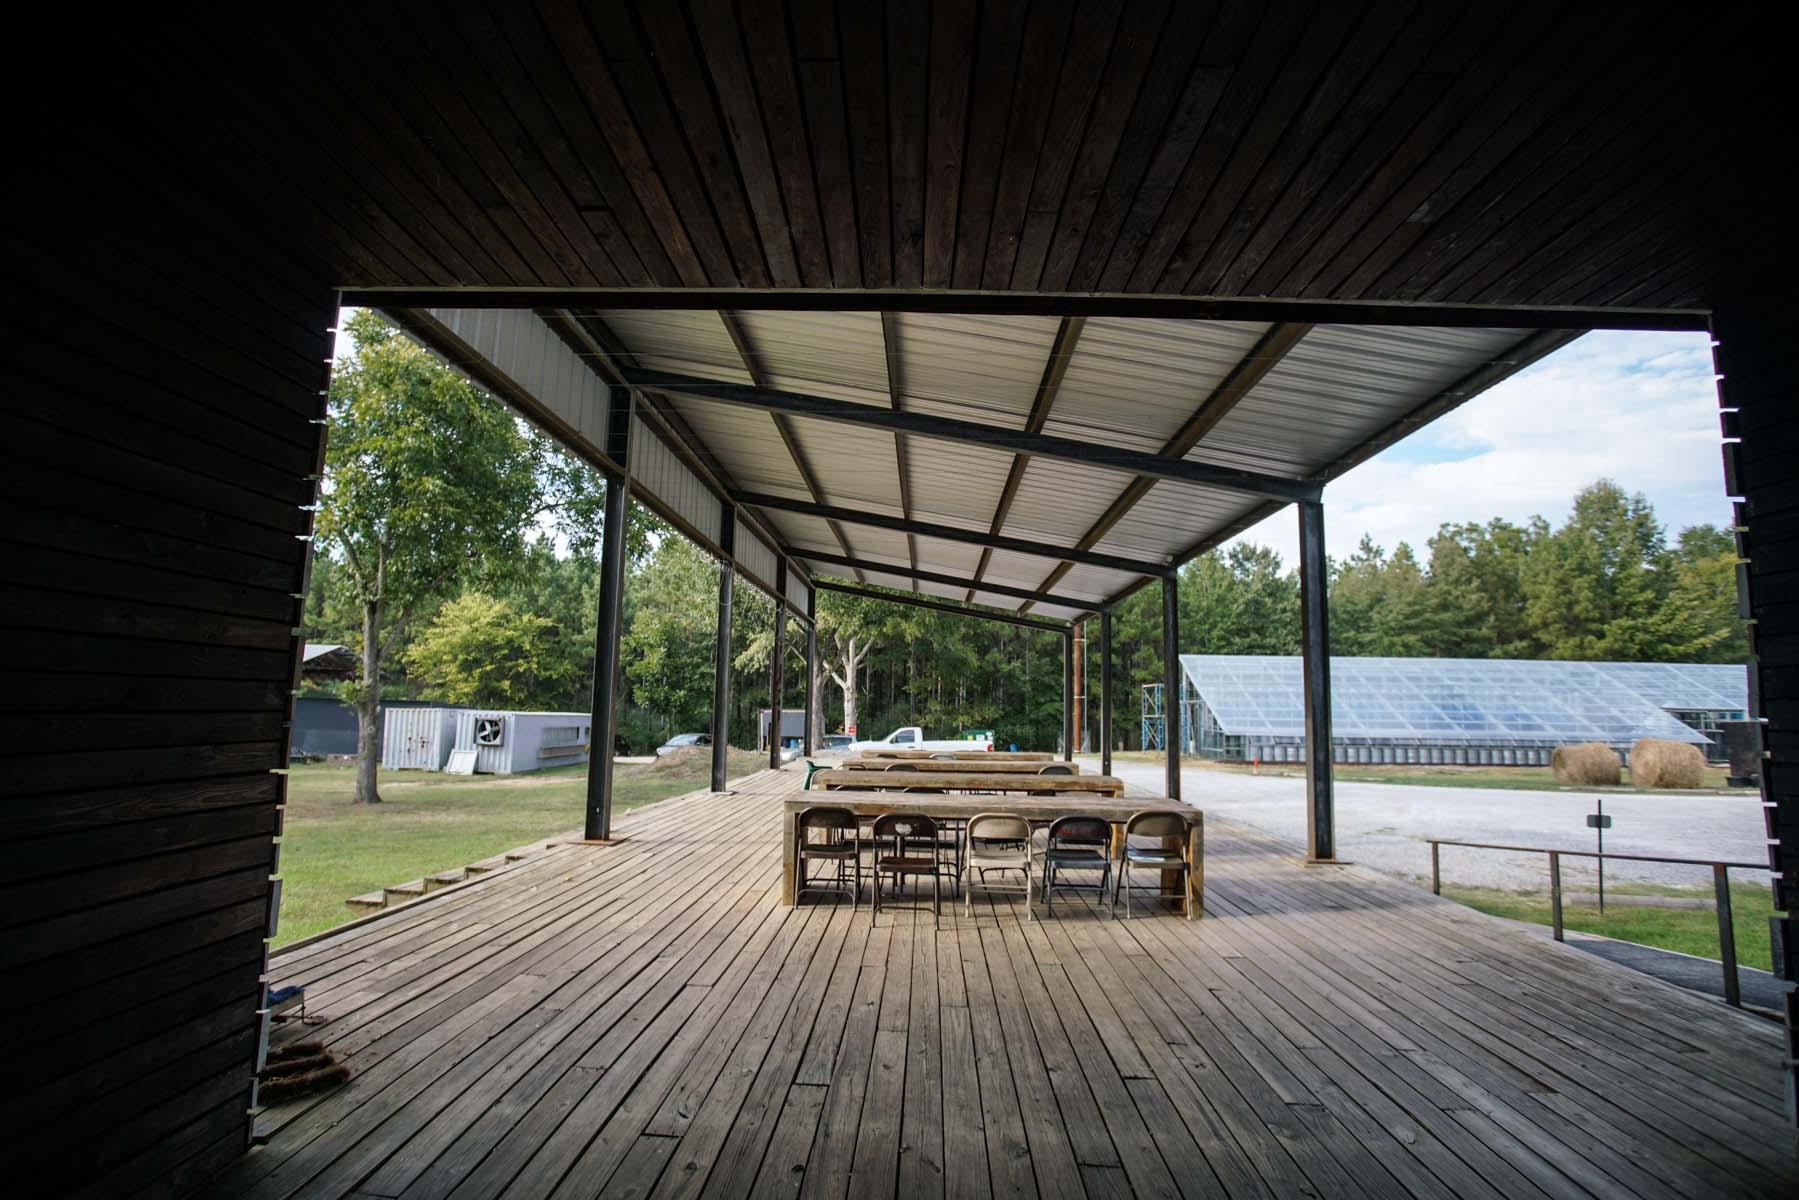 RA_rural studio_morrisette house and grounds-07050.jpg